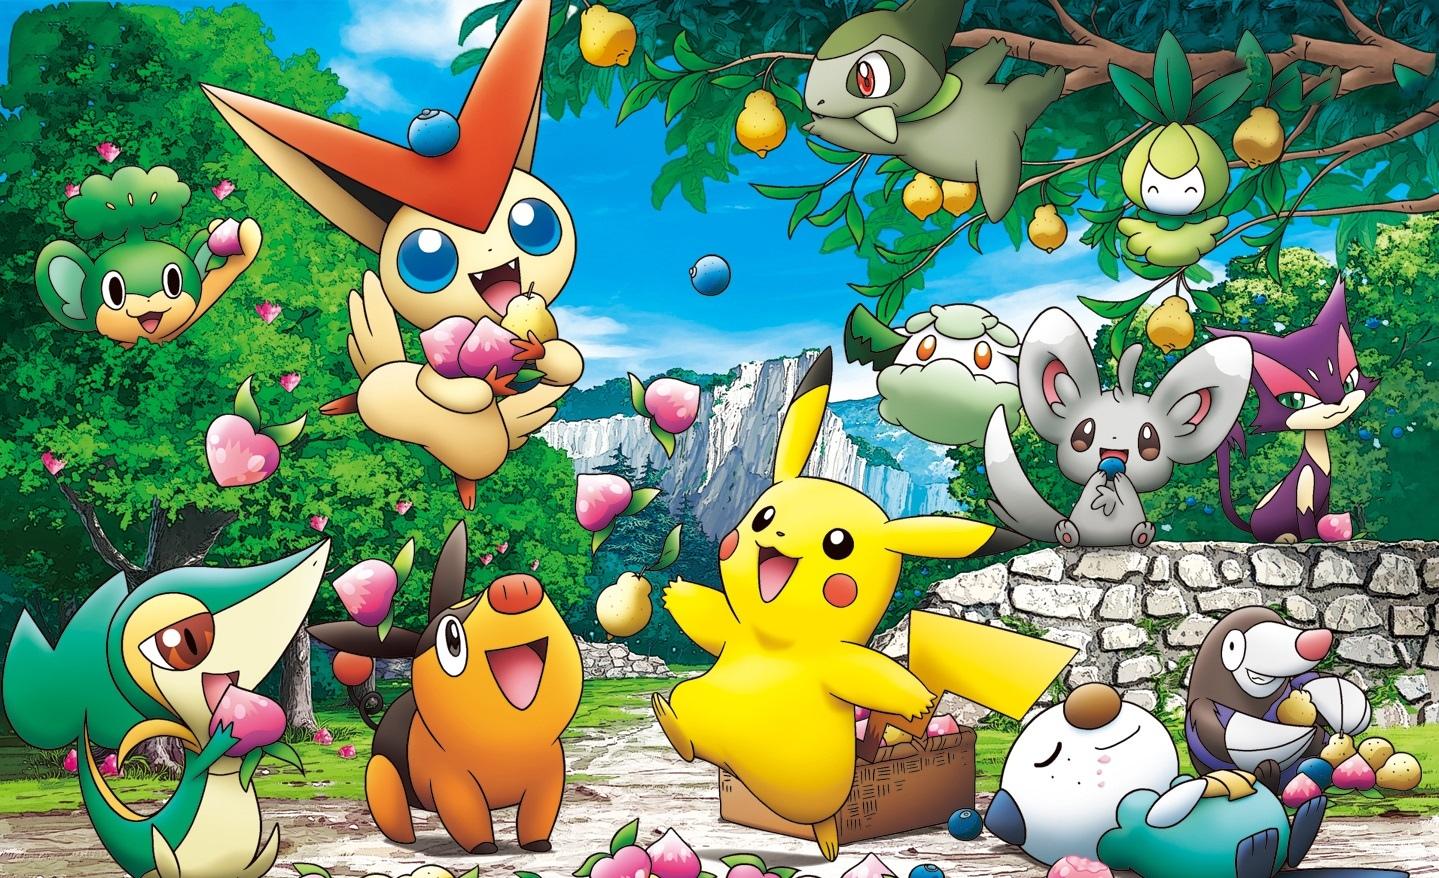 Fondos de pantalla de Pokemon, Wallpapers de Pokemon Gratis